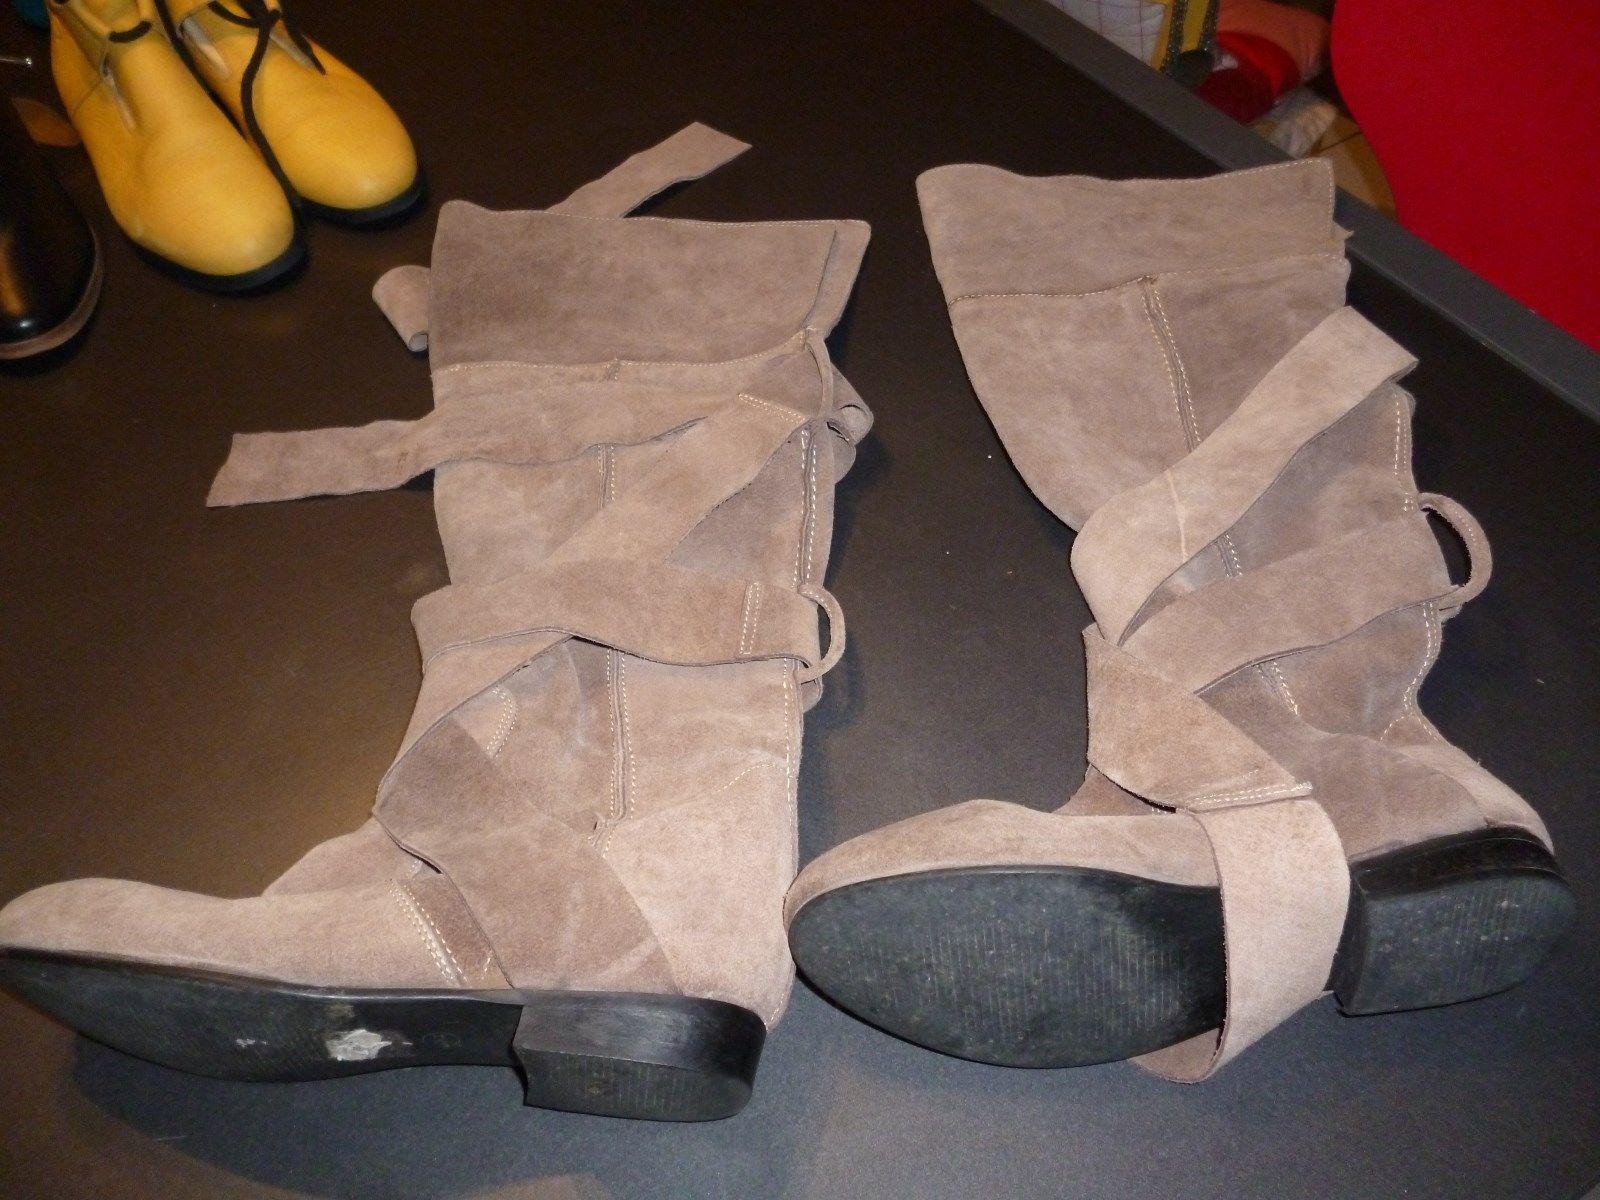 bottes rare daim beige bata lacets mollets qualité rares